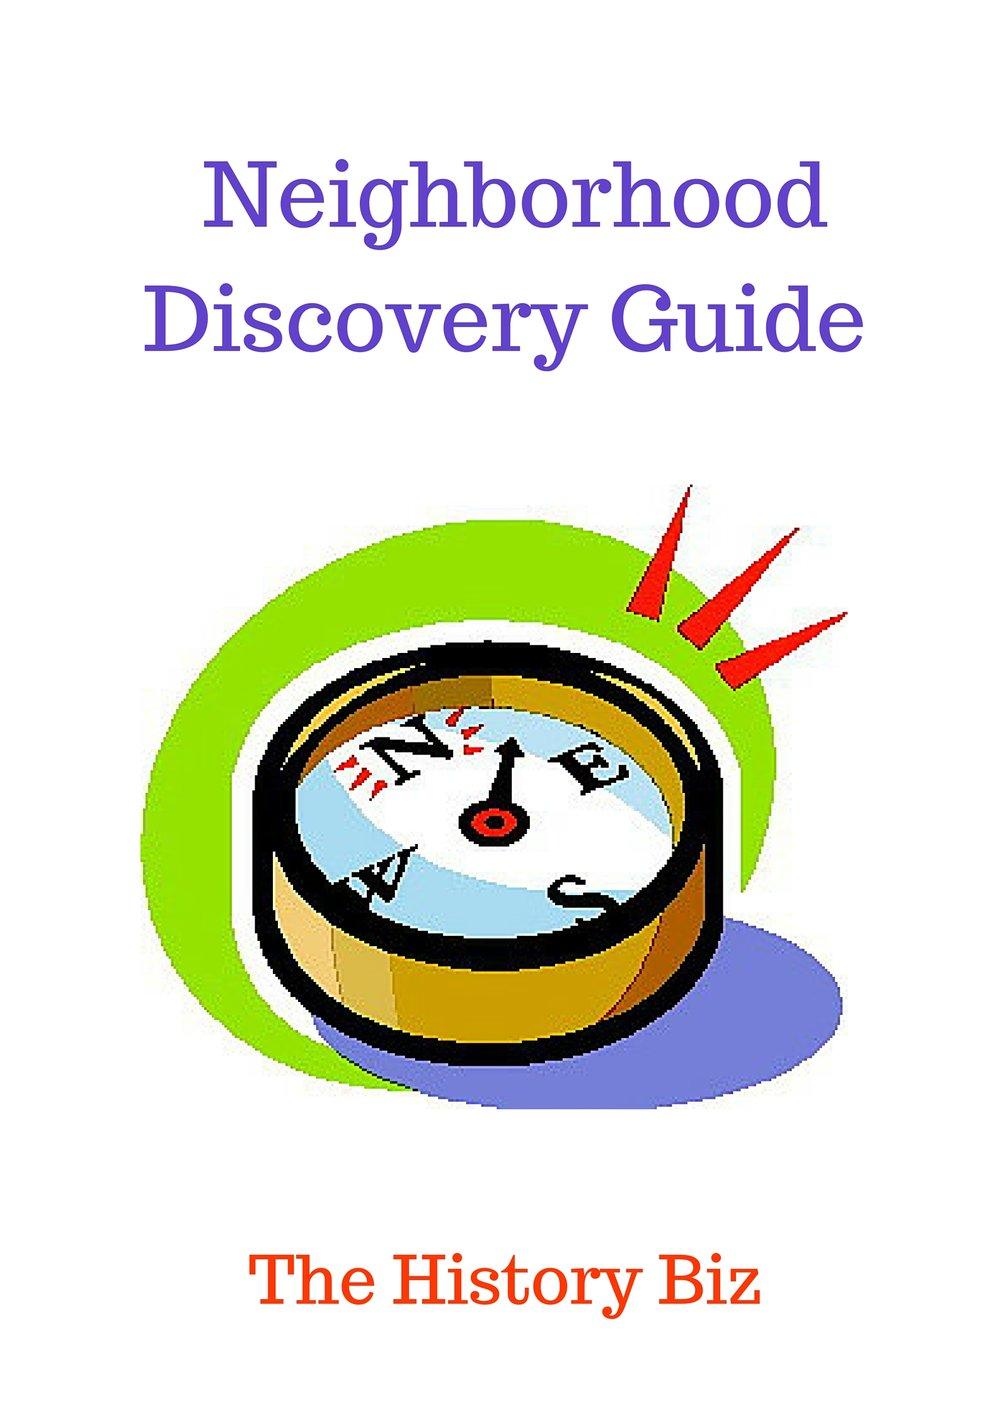 The Neighborhood Explorer's Guide (1).jpg